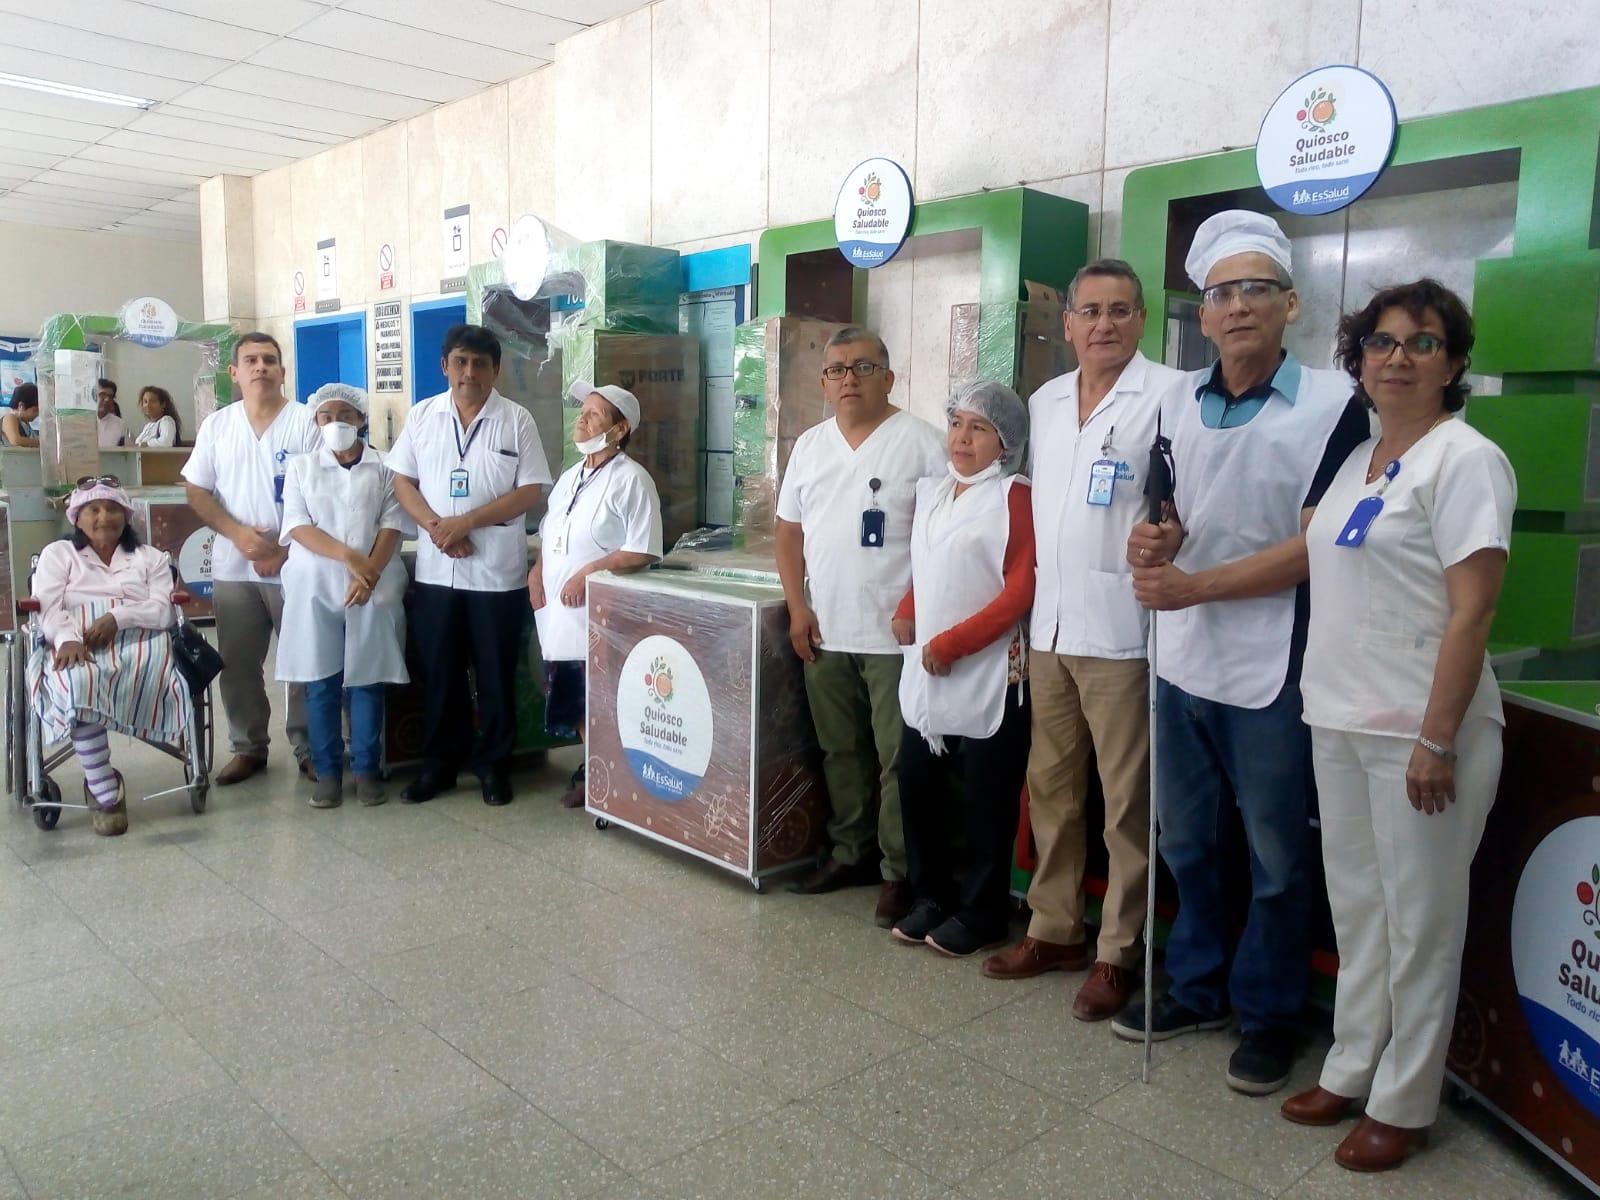 Essalud - EsSalud Lambayeque incentiva buena alimentación en quioscos saludables